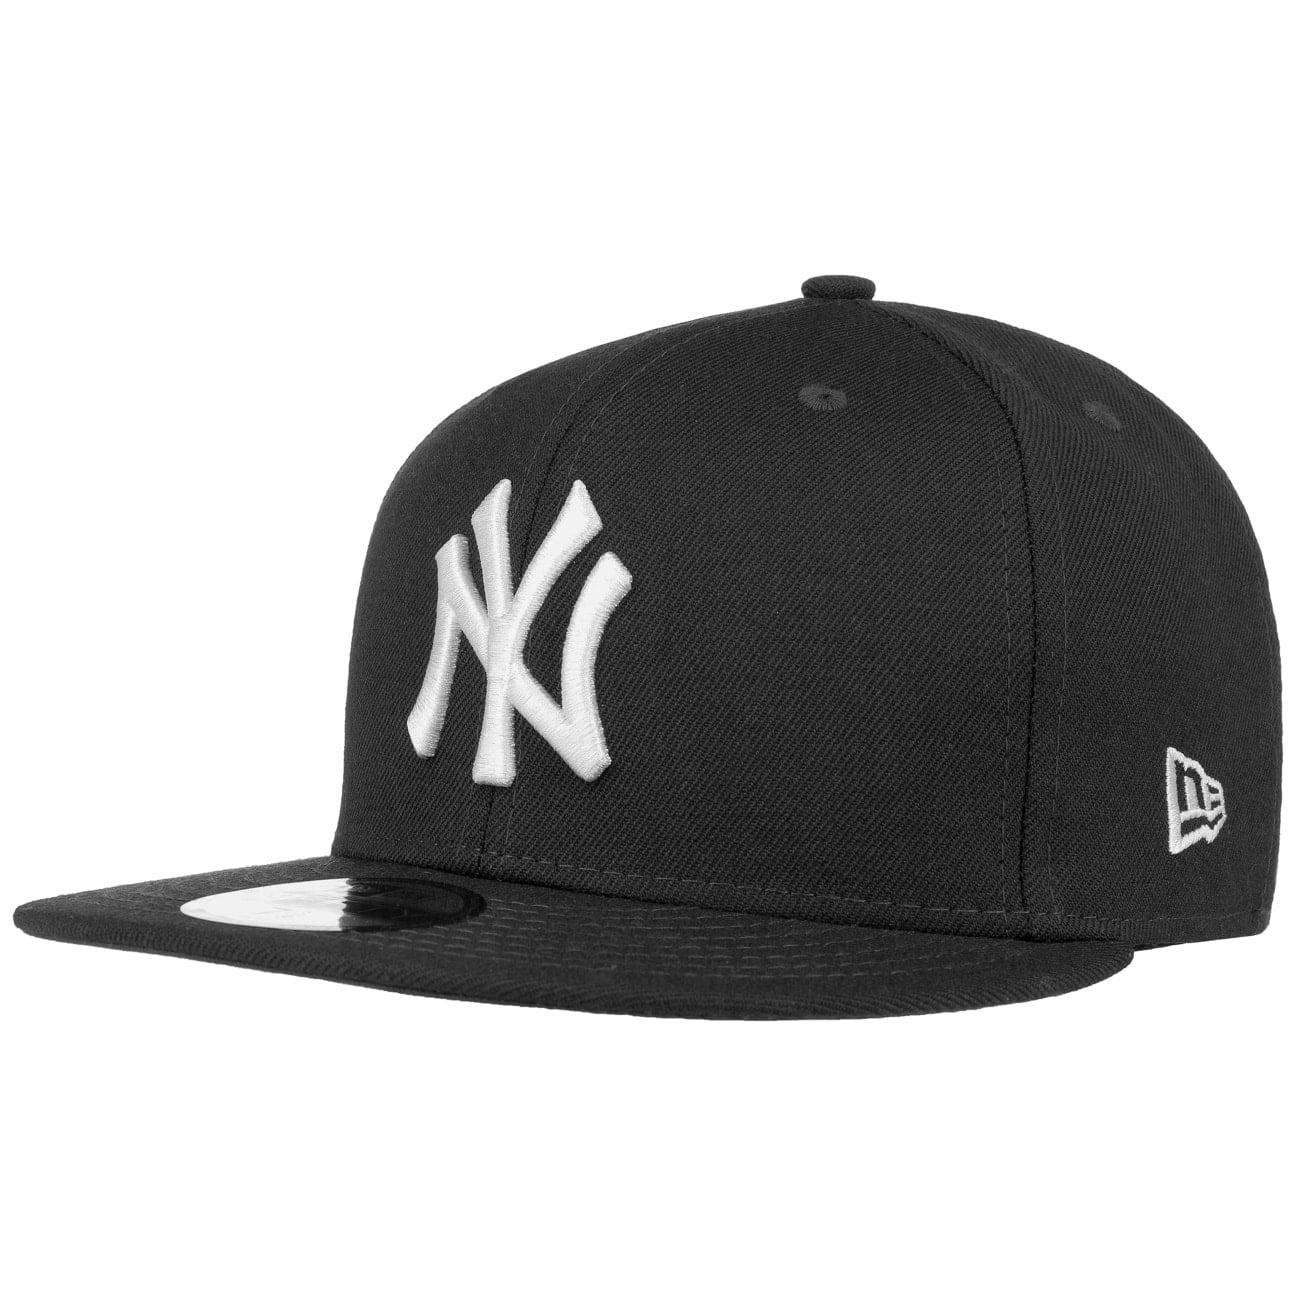 59Fifty MLB Basic NY Cap by New Era Flatbirm